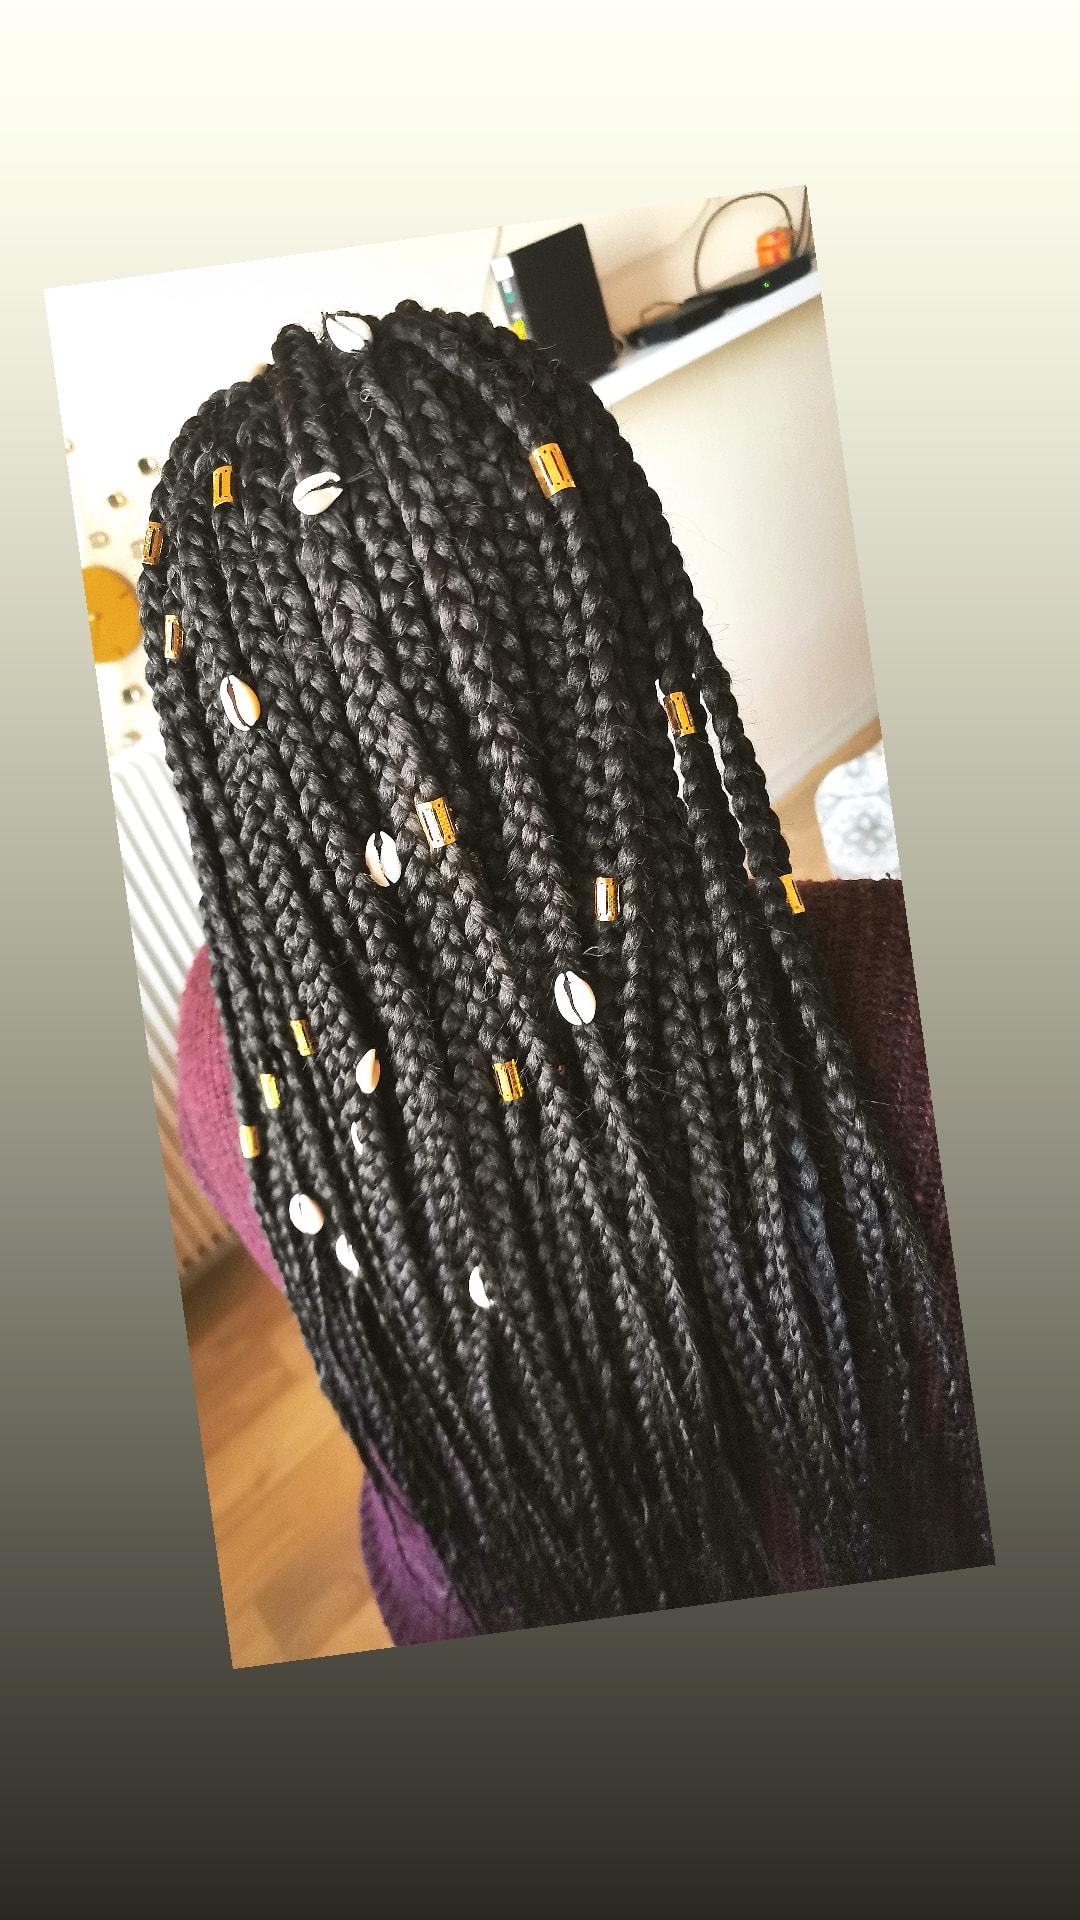 salon de coiffure afro tresse tresses box braids crochet braids vanilles tissages paris 75 77 78 91 92 93 94 95 XEMCIWPF